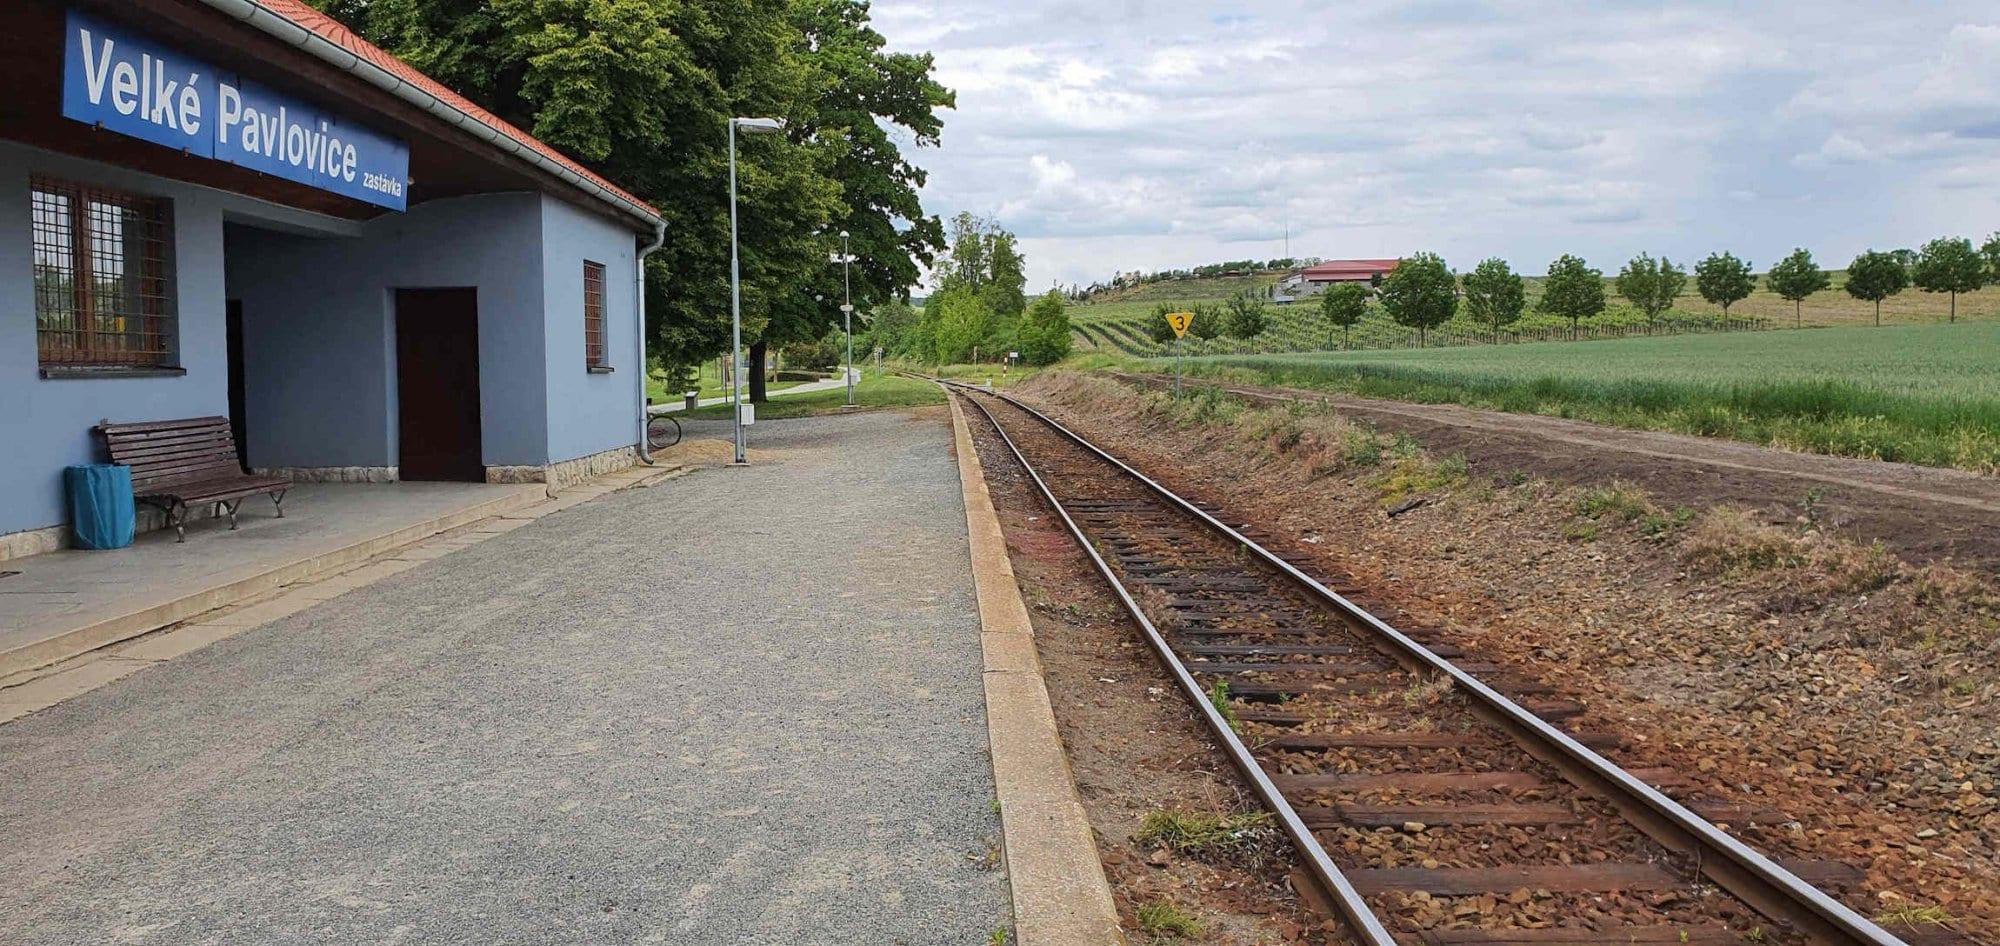 Train station Velke Pavlovice zastavka